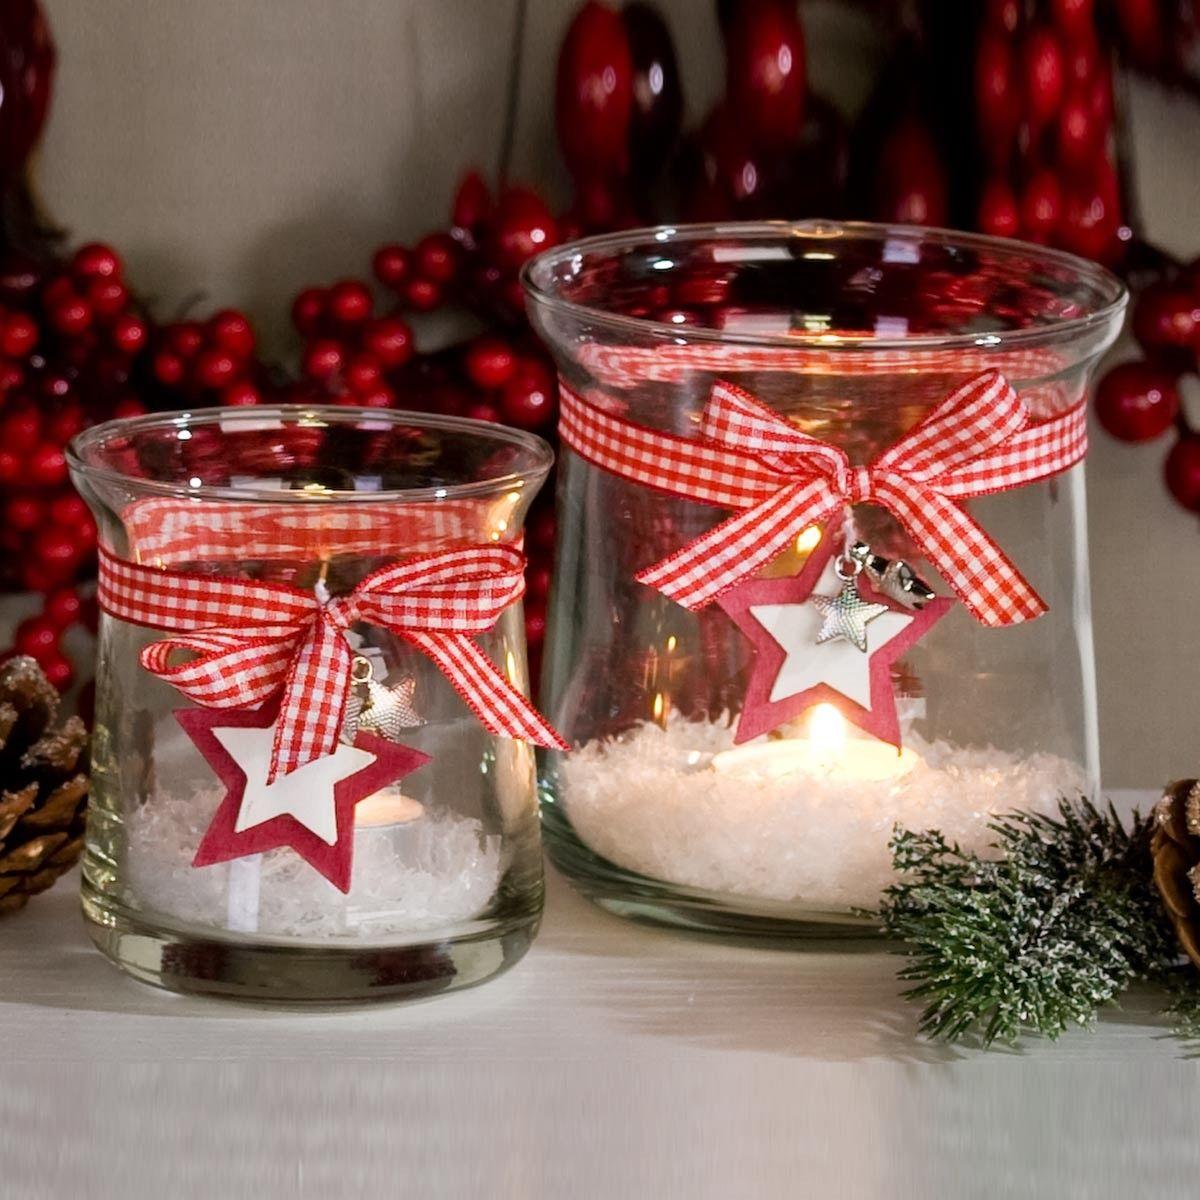 windlicht starshine h he 11cm klarglas wei rot weihnachten rot wei pinterest. Black Bedroom Furniture Sets. Home Design Ideas